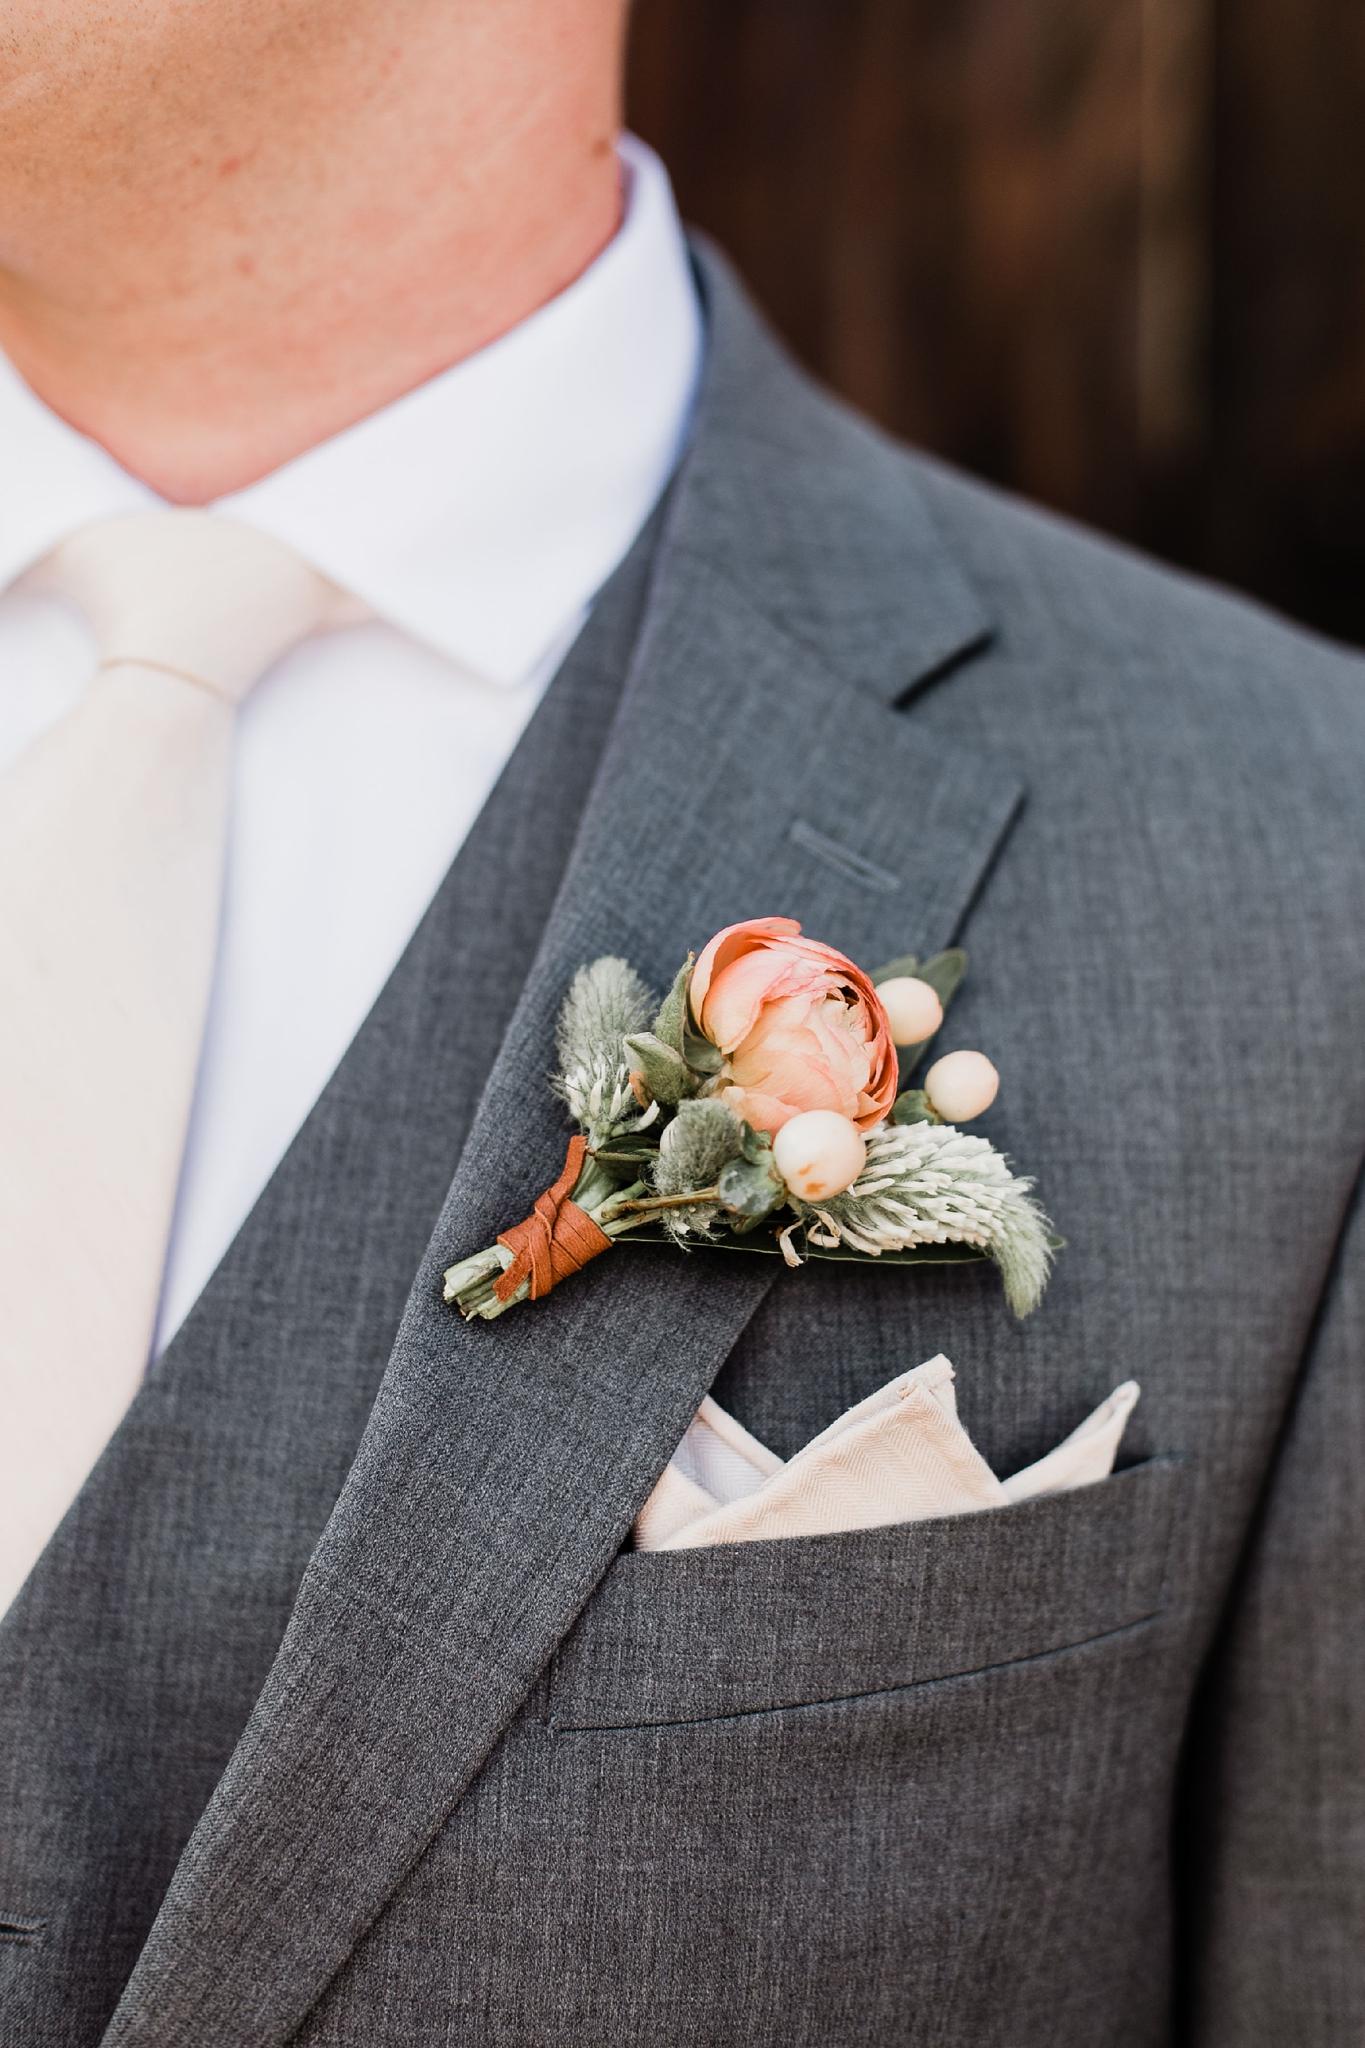 Alicia+lucia+photography+-+albuquerque+wedding+photographer+-+santa+fe+wedding+photography+-+new+mexico+wedding+photographer+-+new+mexico+wedding+-+summer+wedding+-+summer+wedding+florals+-+southwest+wedding_0099.jpg